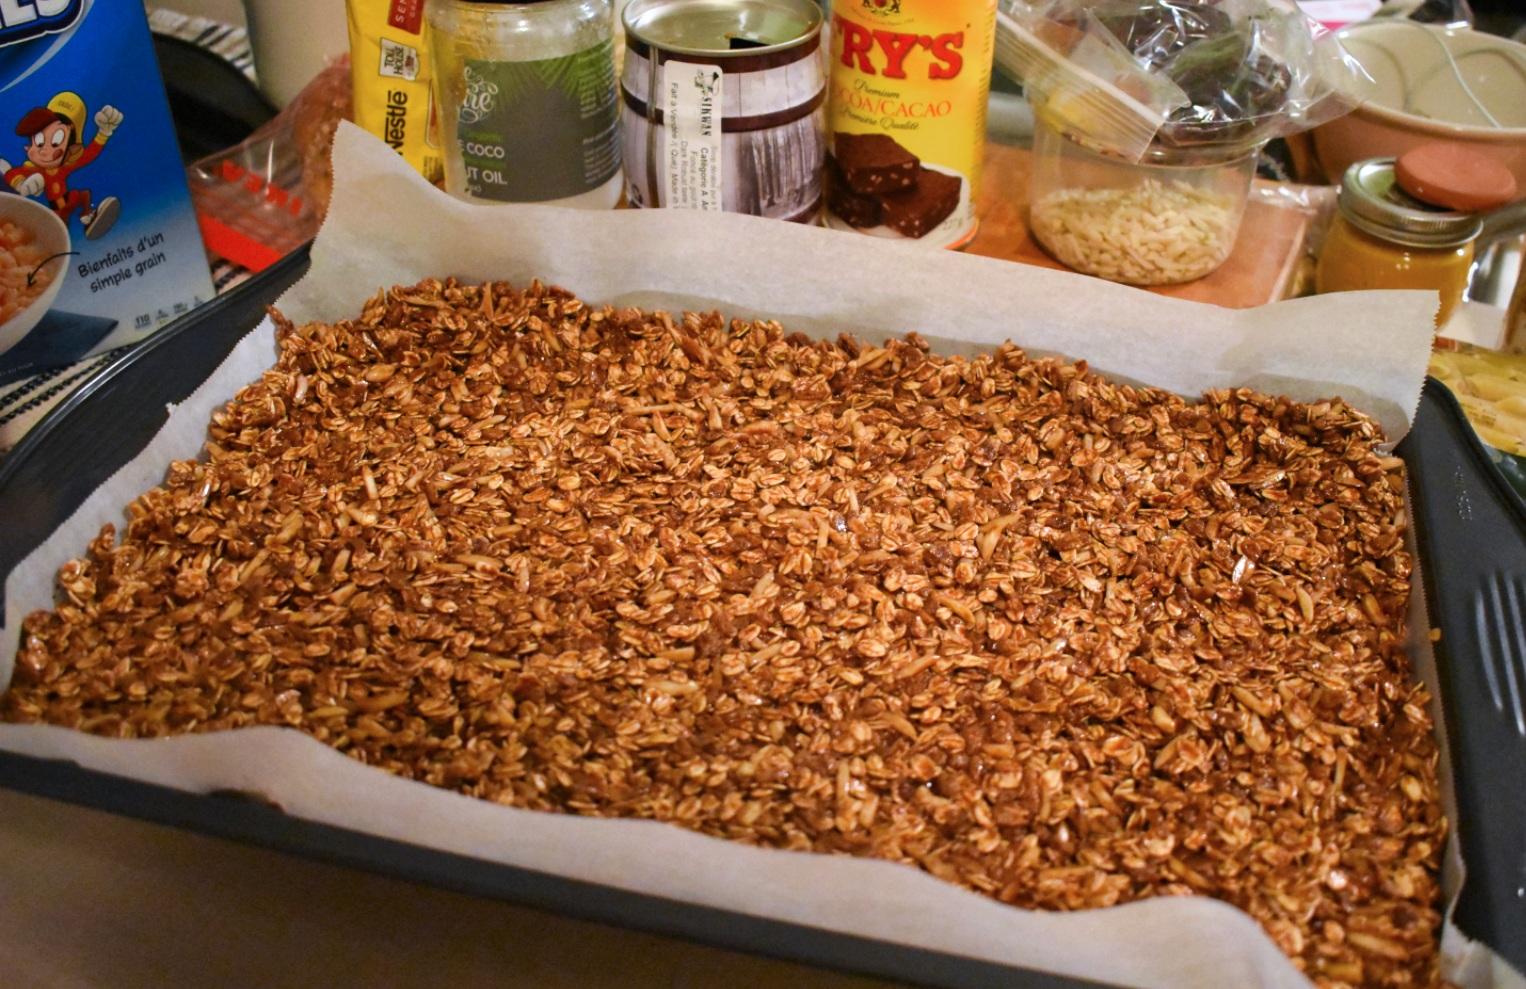 Granola au mocha - Auboutdelalangue.com (5)